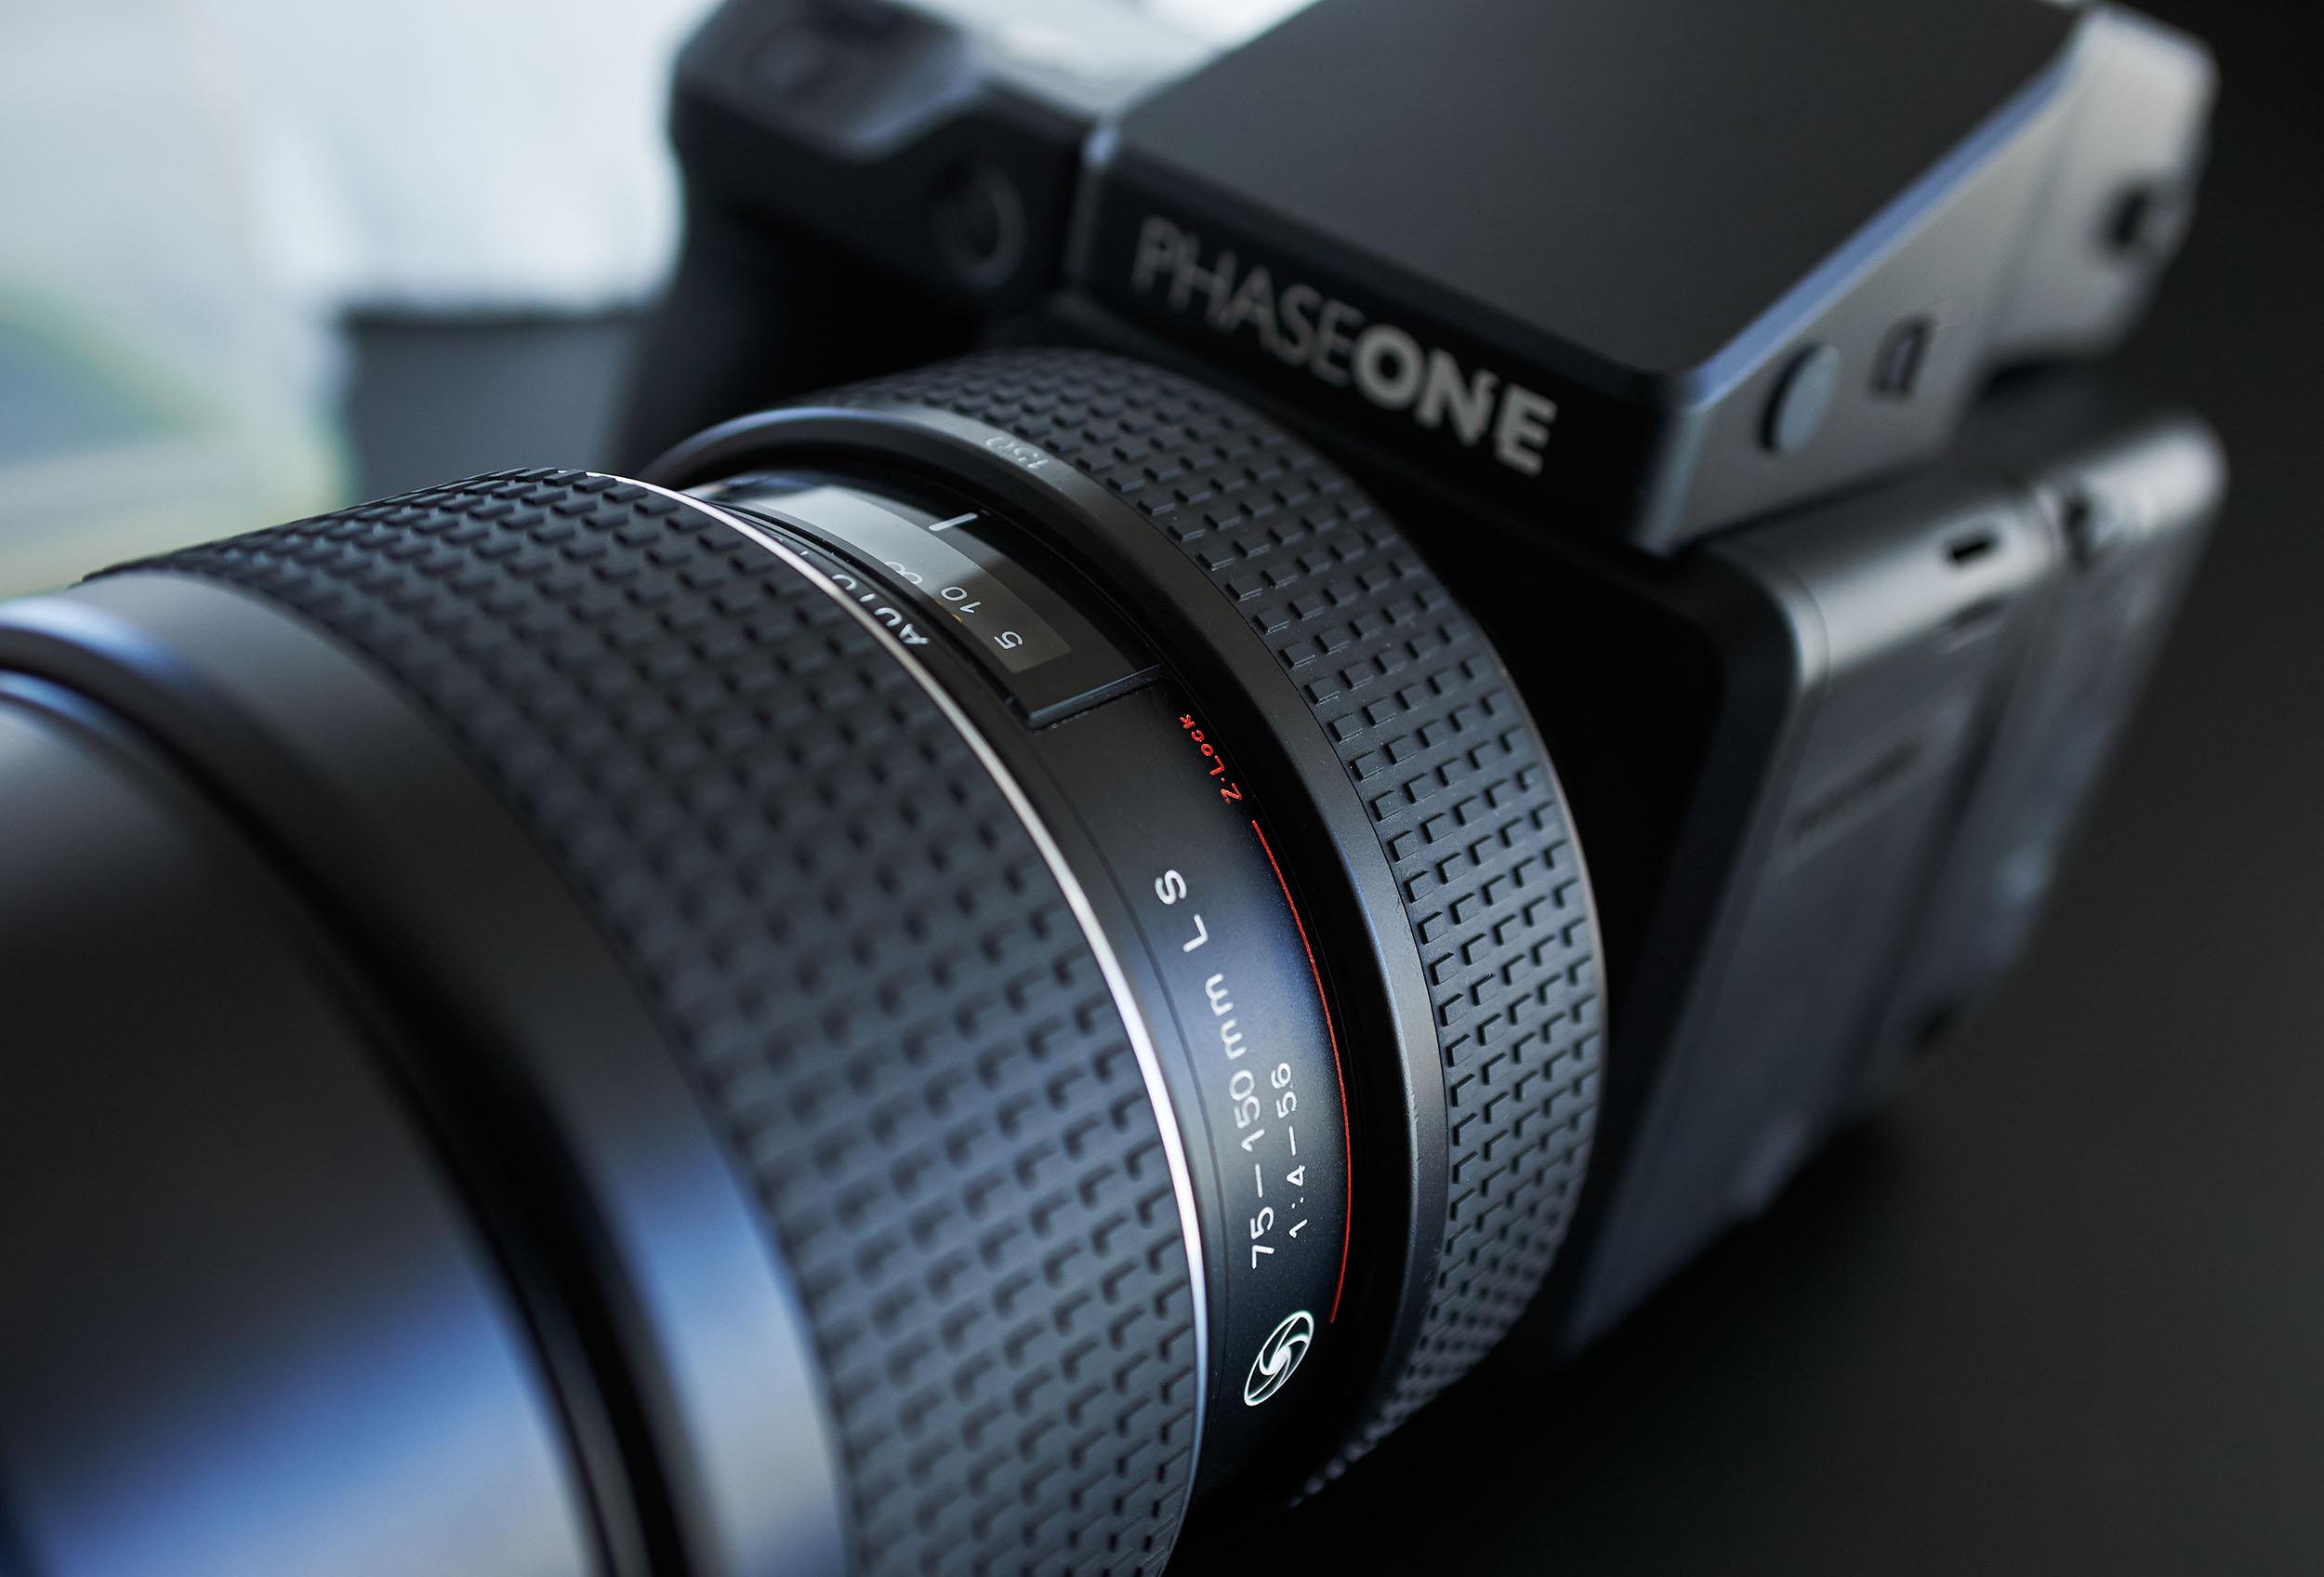 Objektiv, Kamera, Auflösung